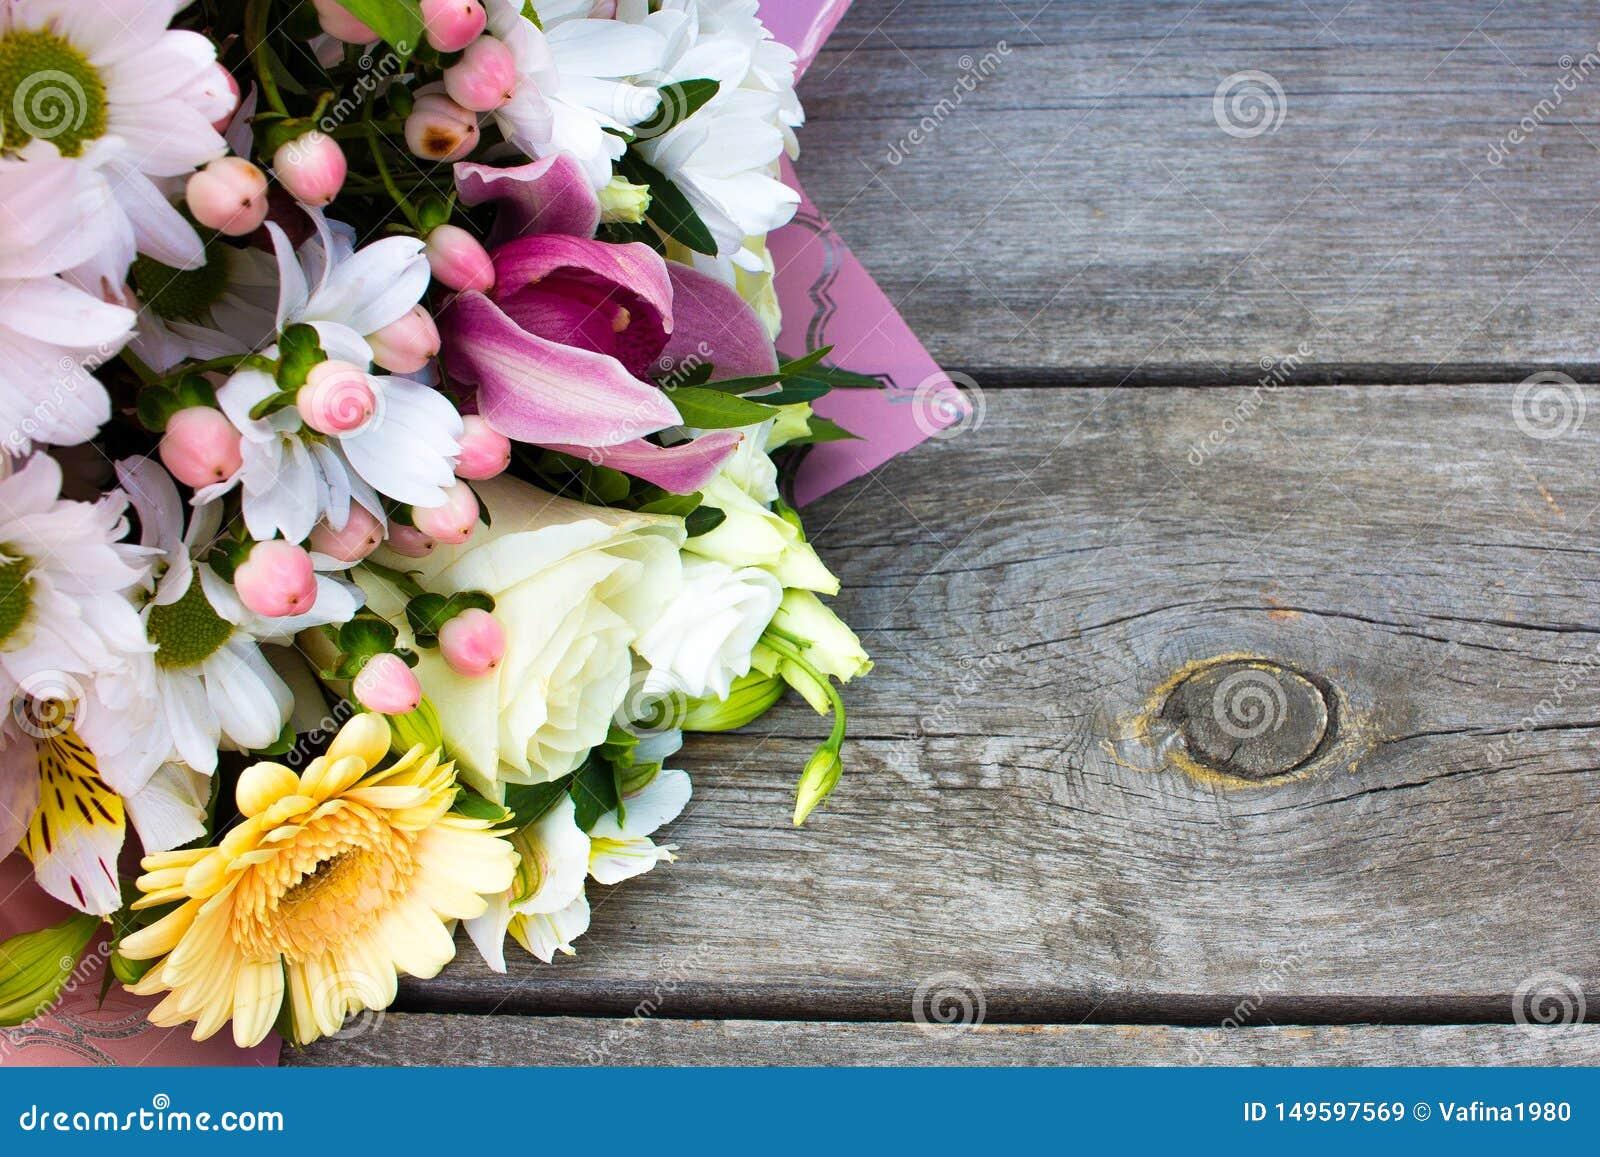 Μια όμορφη ανθοδέσμη της όμορφης ποικιλίας των λουλουδιών